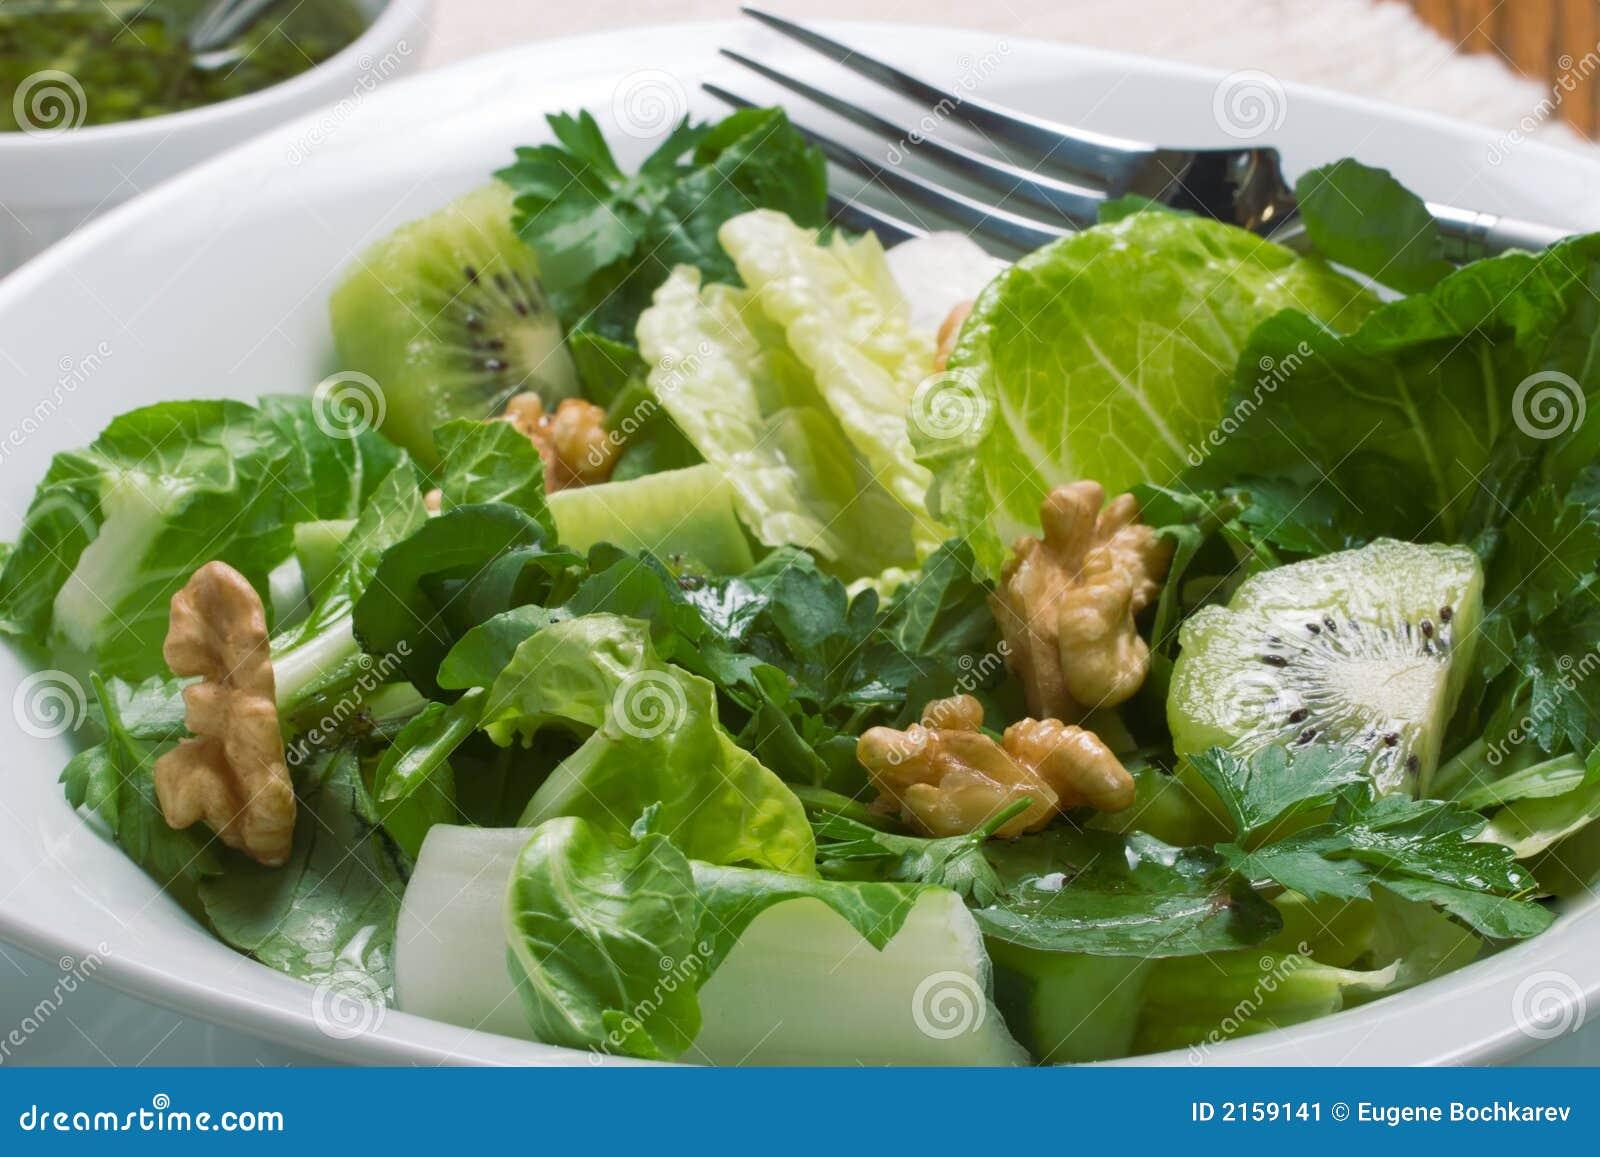 Scharfer Und Süßer Grüner Salat Stockbild - Bild von blätter ...